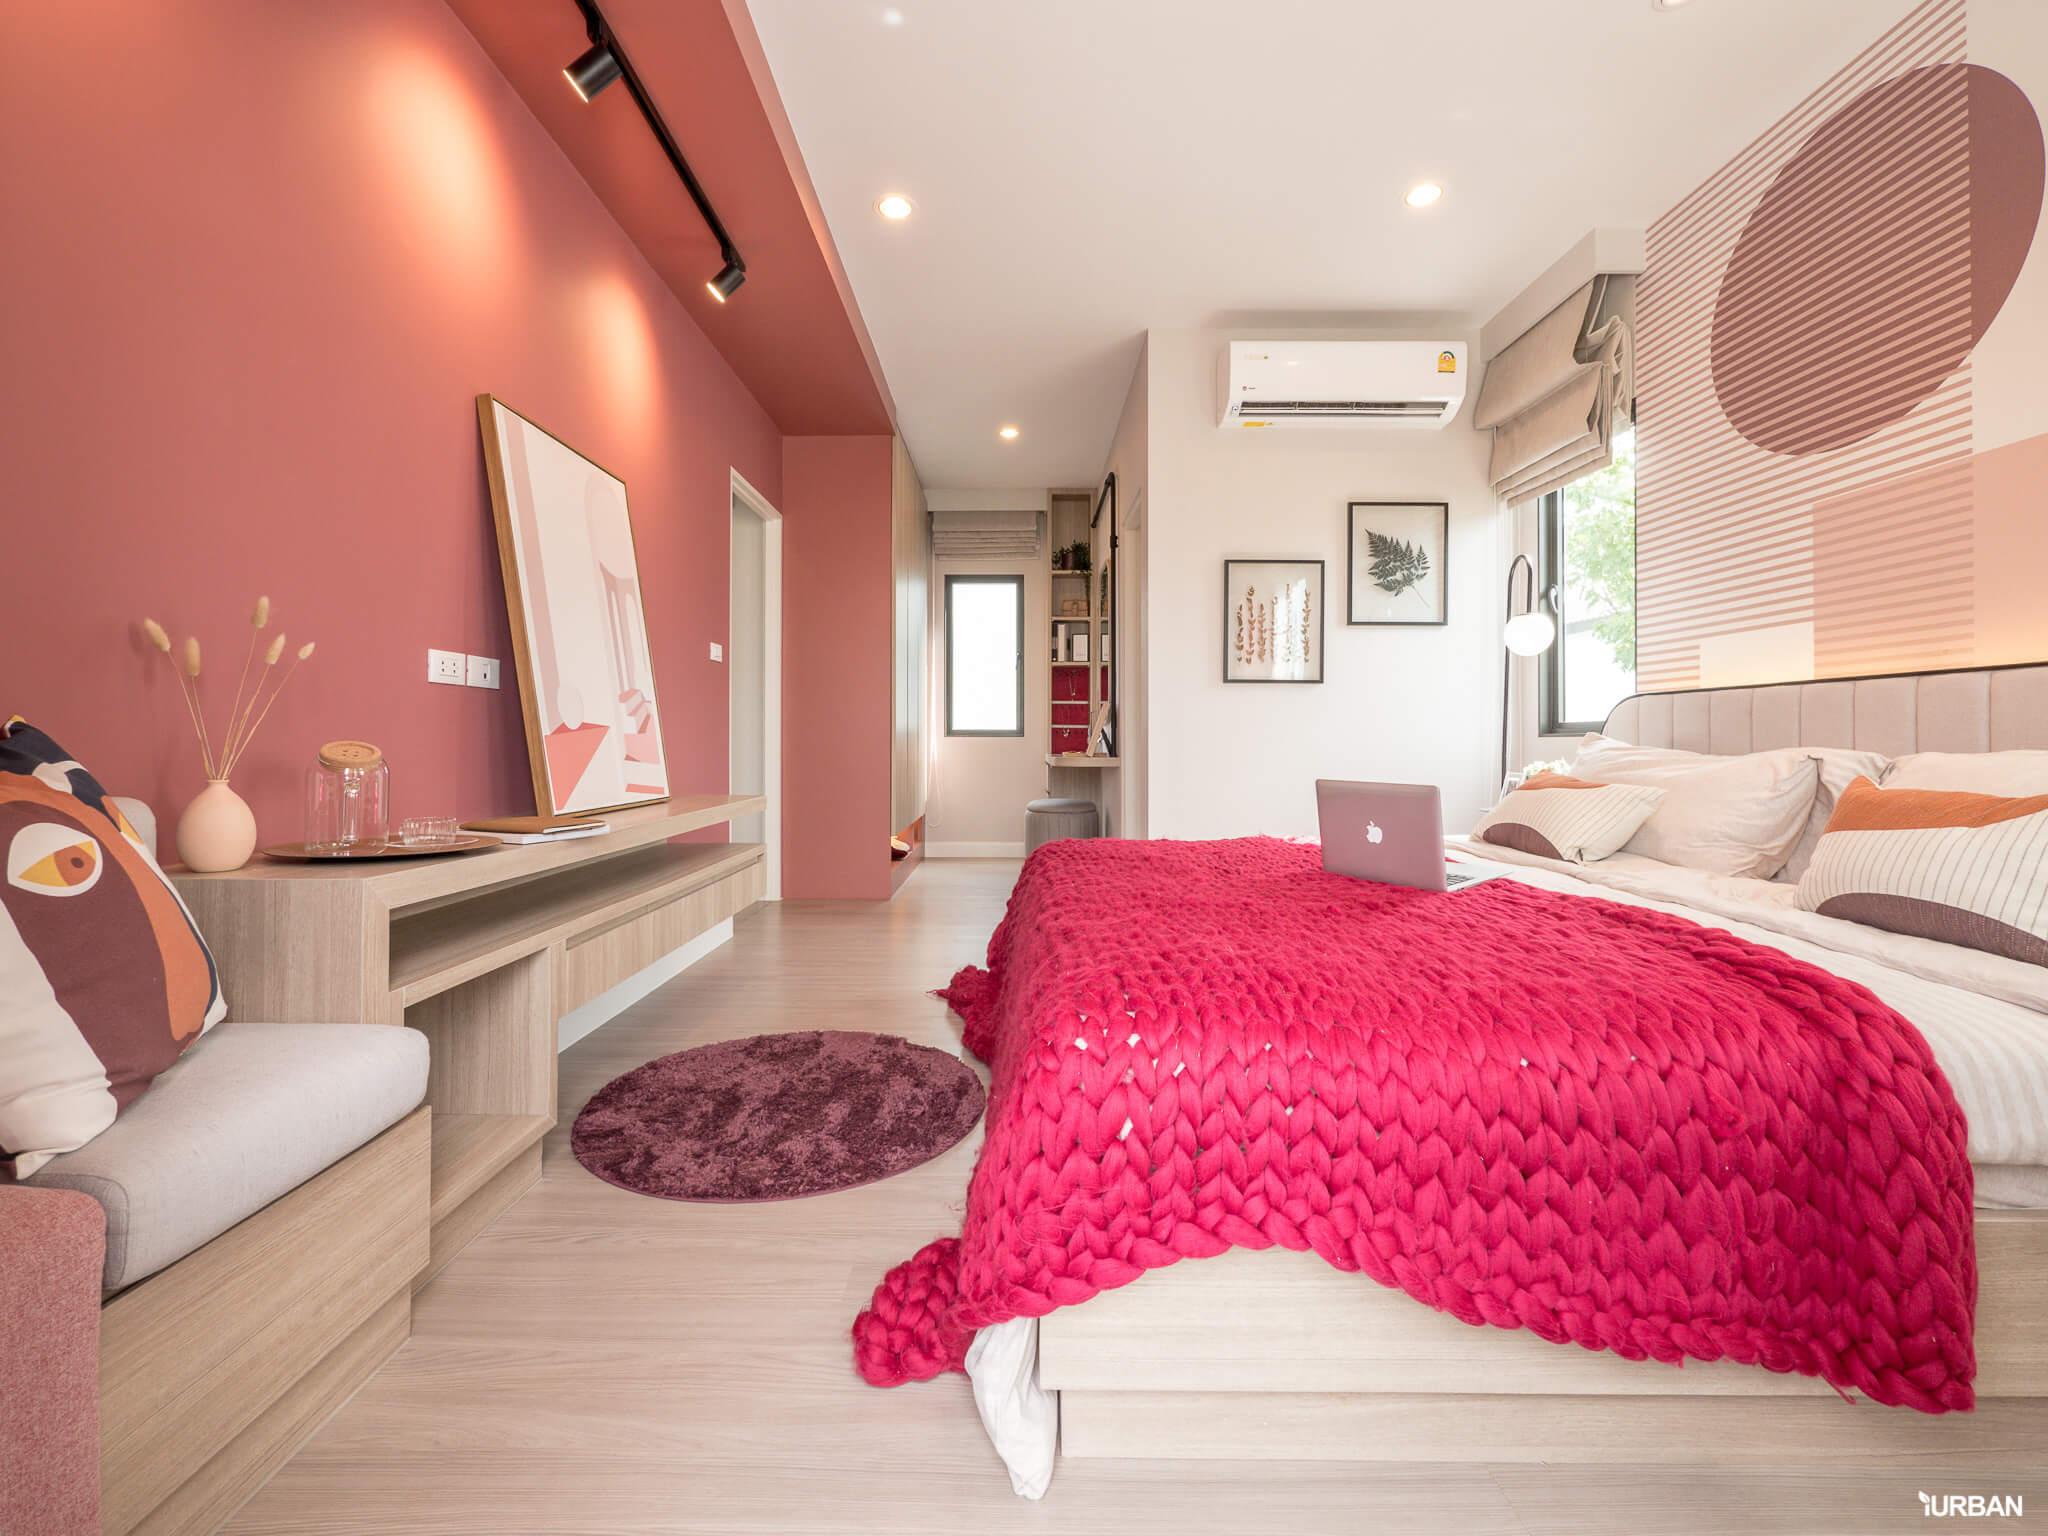 รีวิว อณาสิริ ชัยพฤกษ์-วงแหวน เมื่อแสนสิริออกแบบบ้านใหม่ Feel Just Right ใช้งานได้ลงตัว 58 - Anasiri